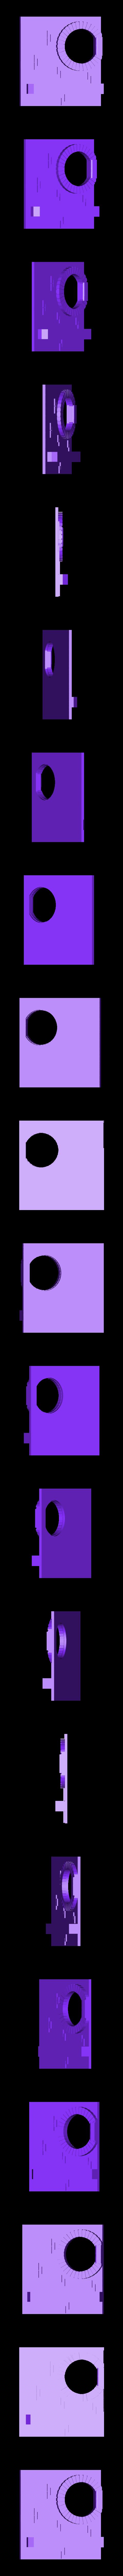 quay_swr_xit1.stl Télécharger fichier STL gratuit Ripper's London - Les égouts • Design pour imprimante 3D, Earsling